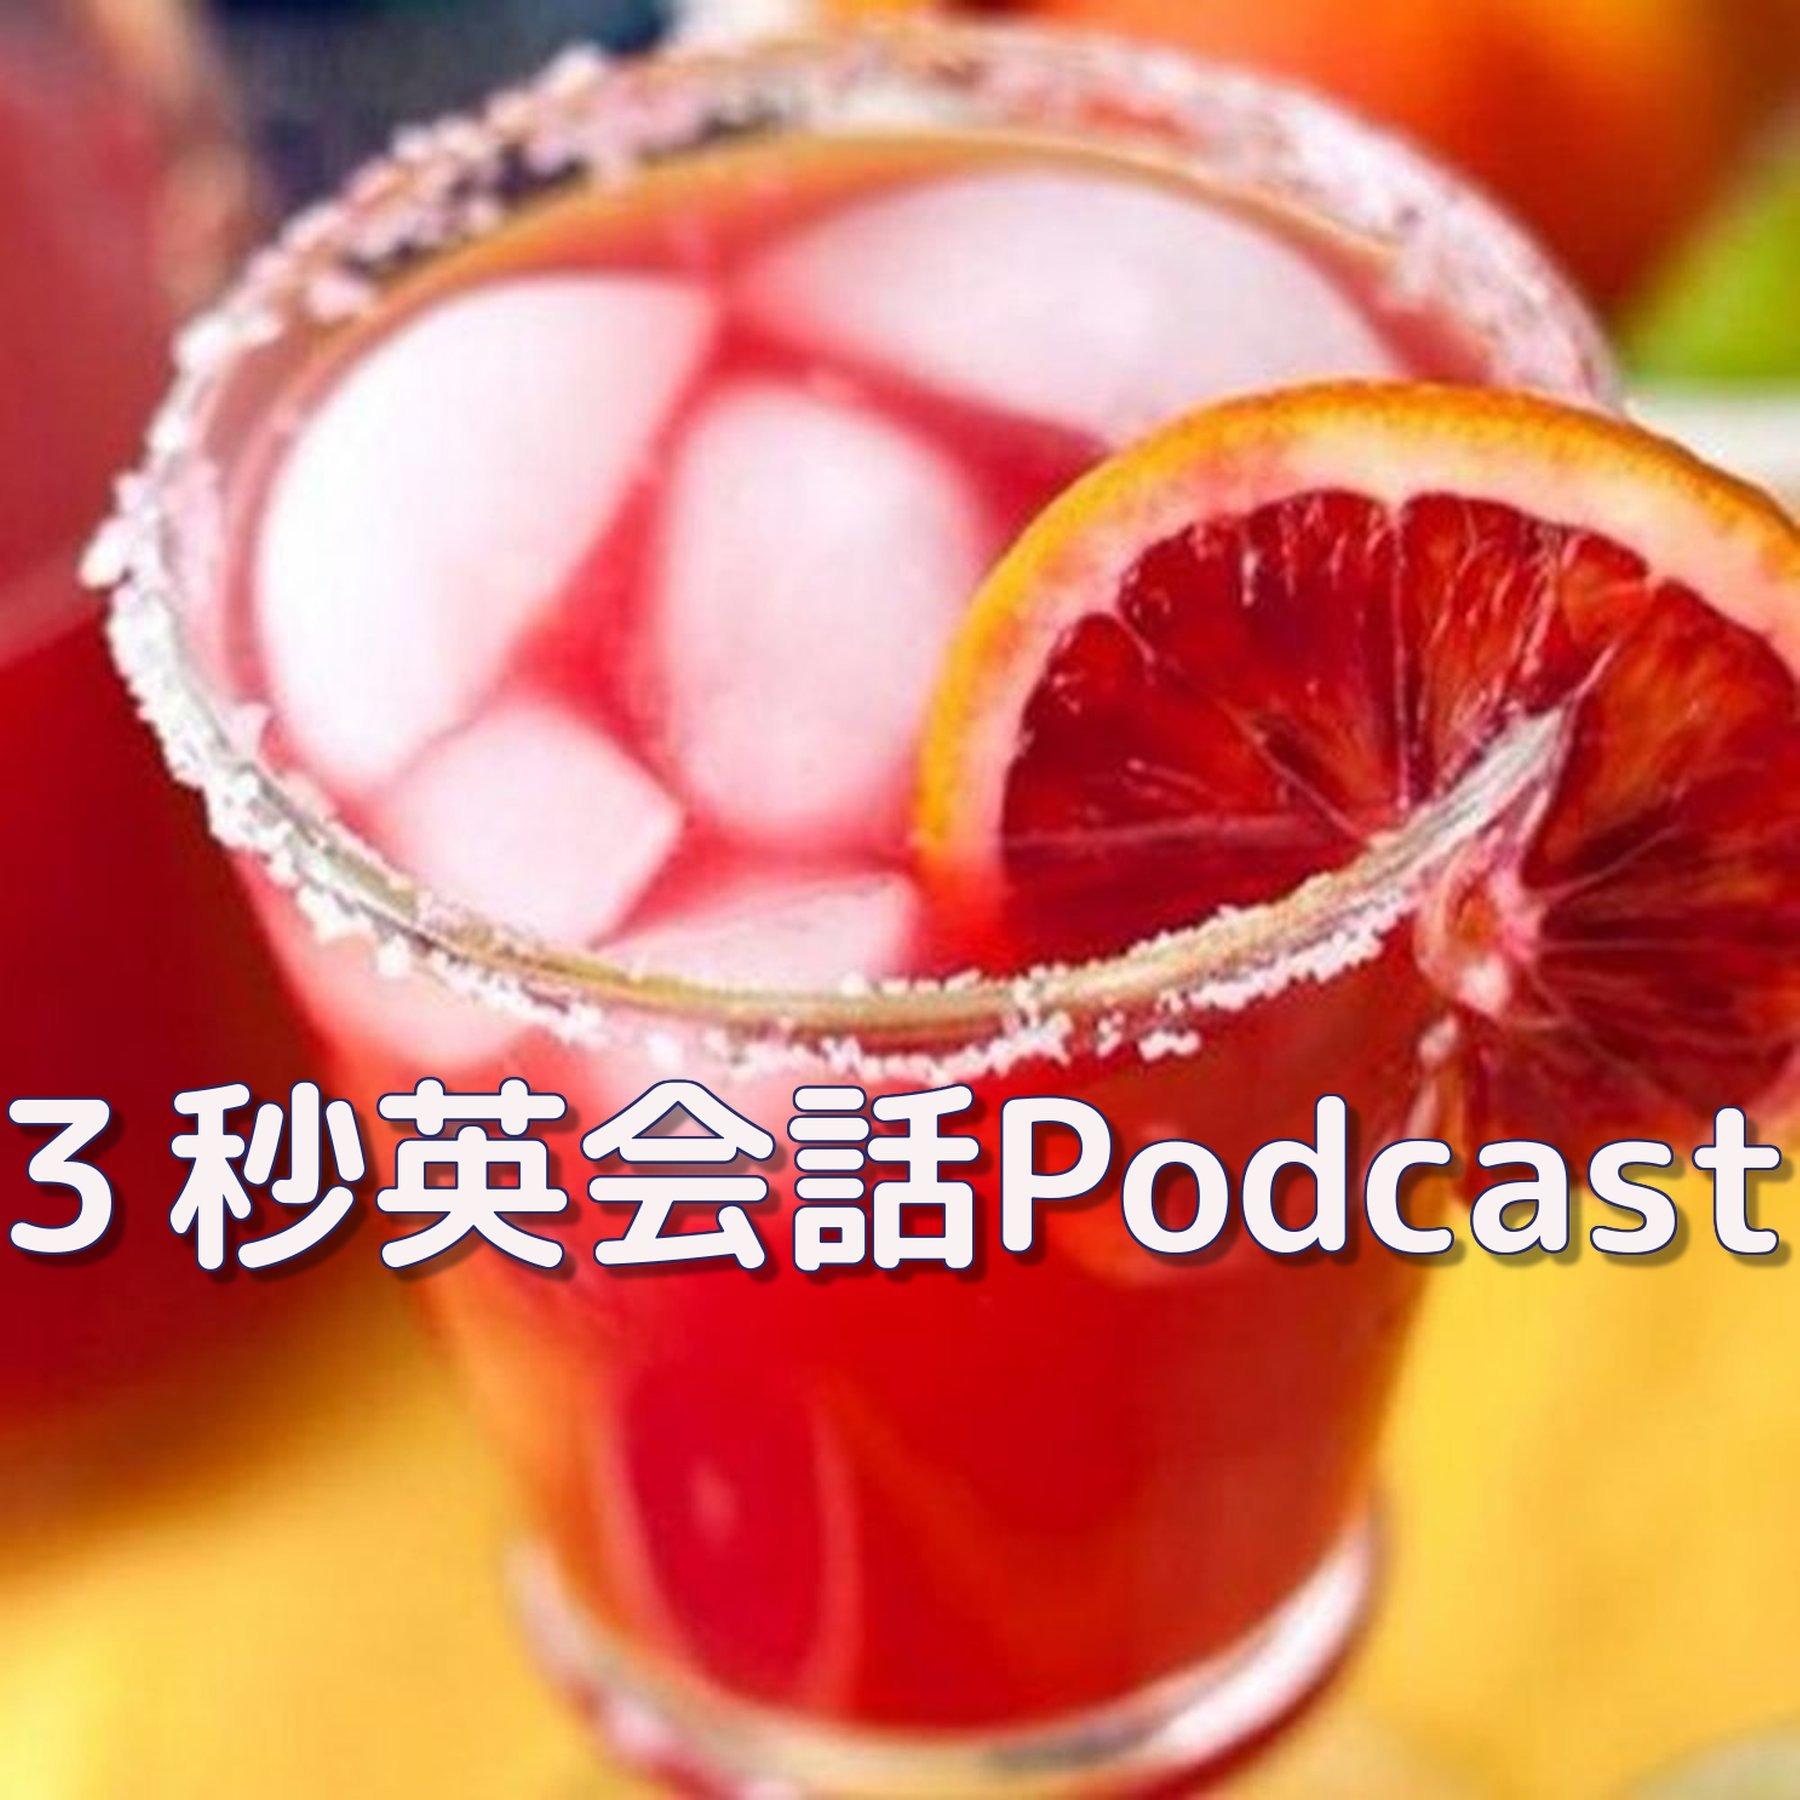 第48回「美味しい!は英語でIt's good tasteではない!?正しくはこう言います!」